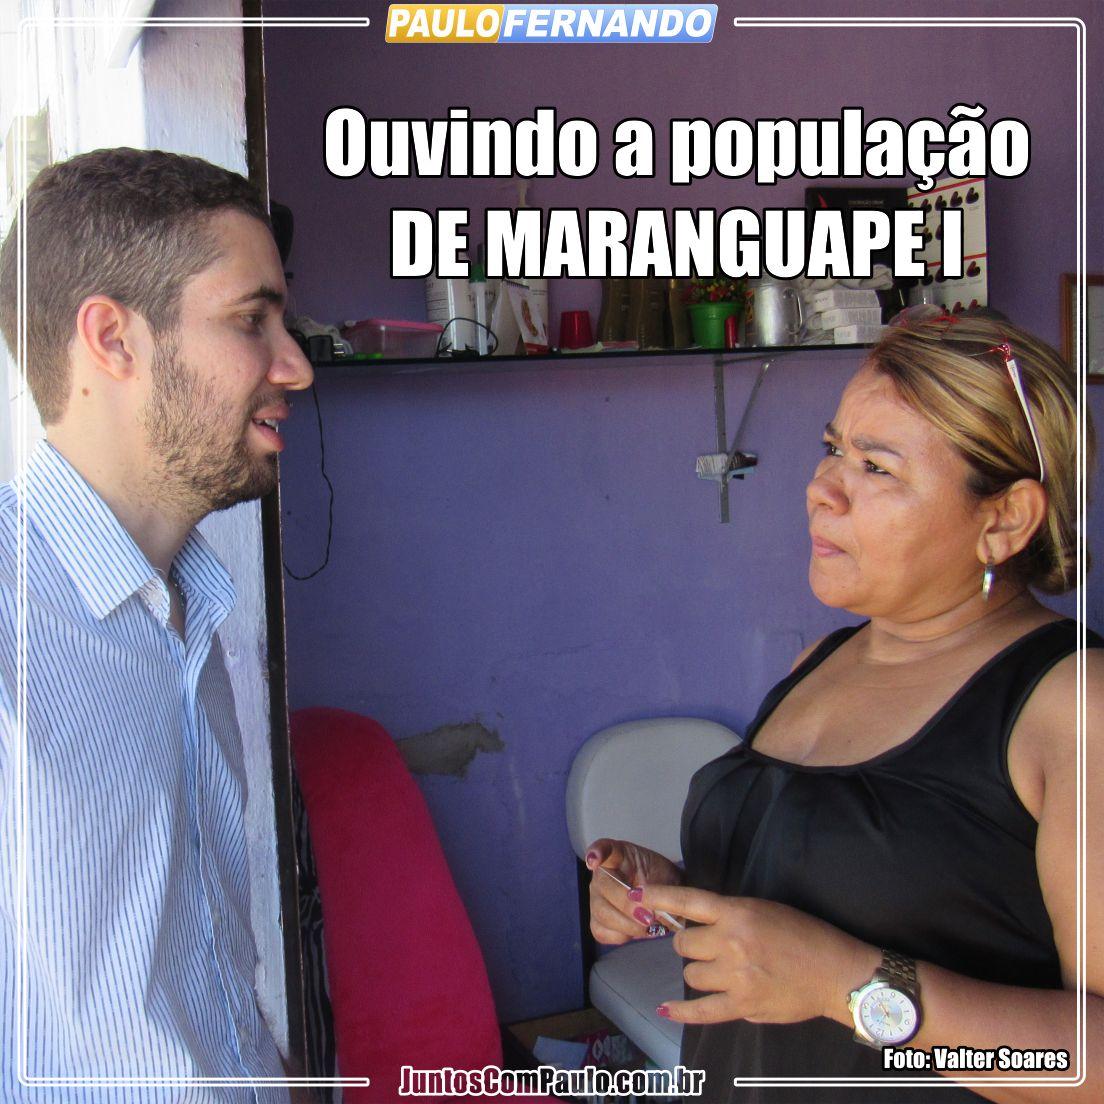 Paulo Fernando em Maranguape I